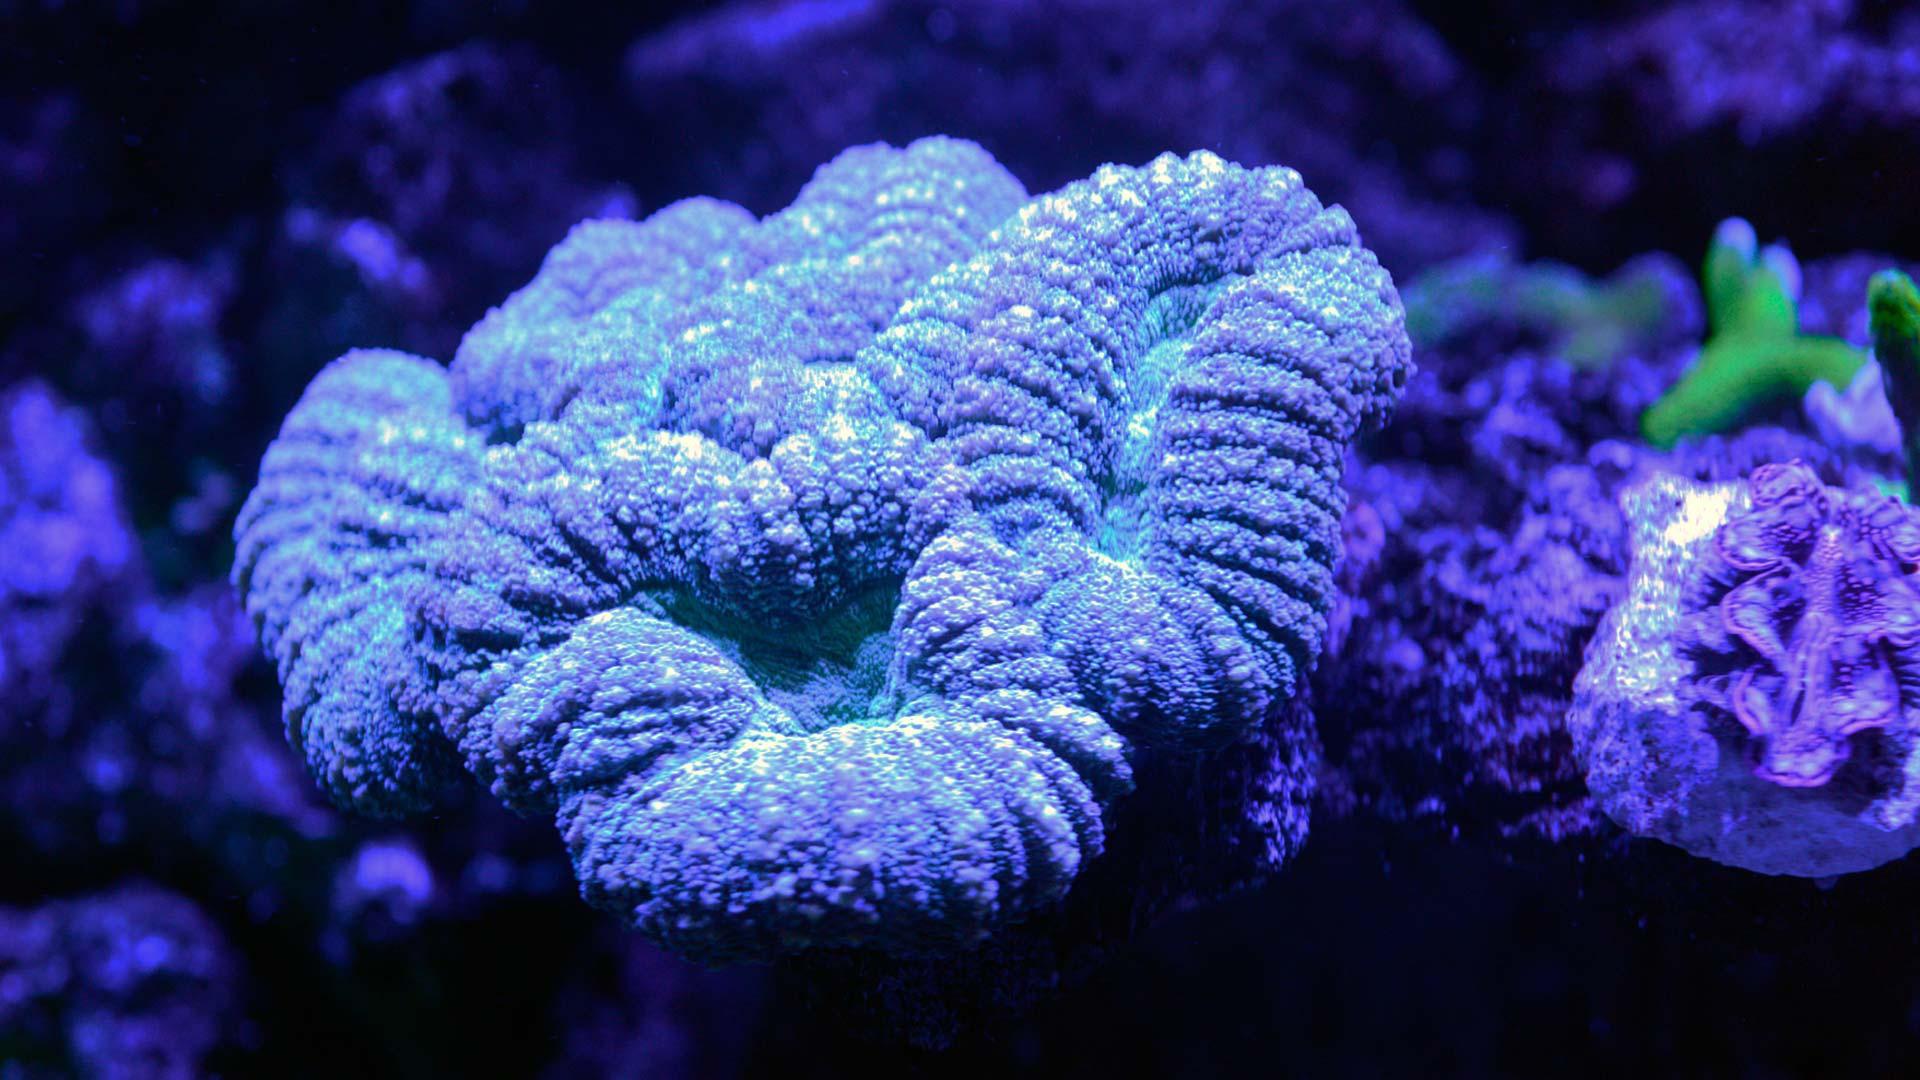 Cauliflower Coral